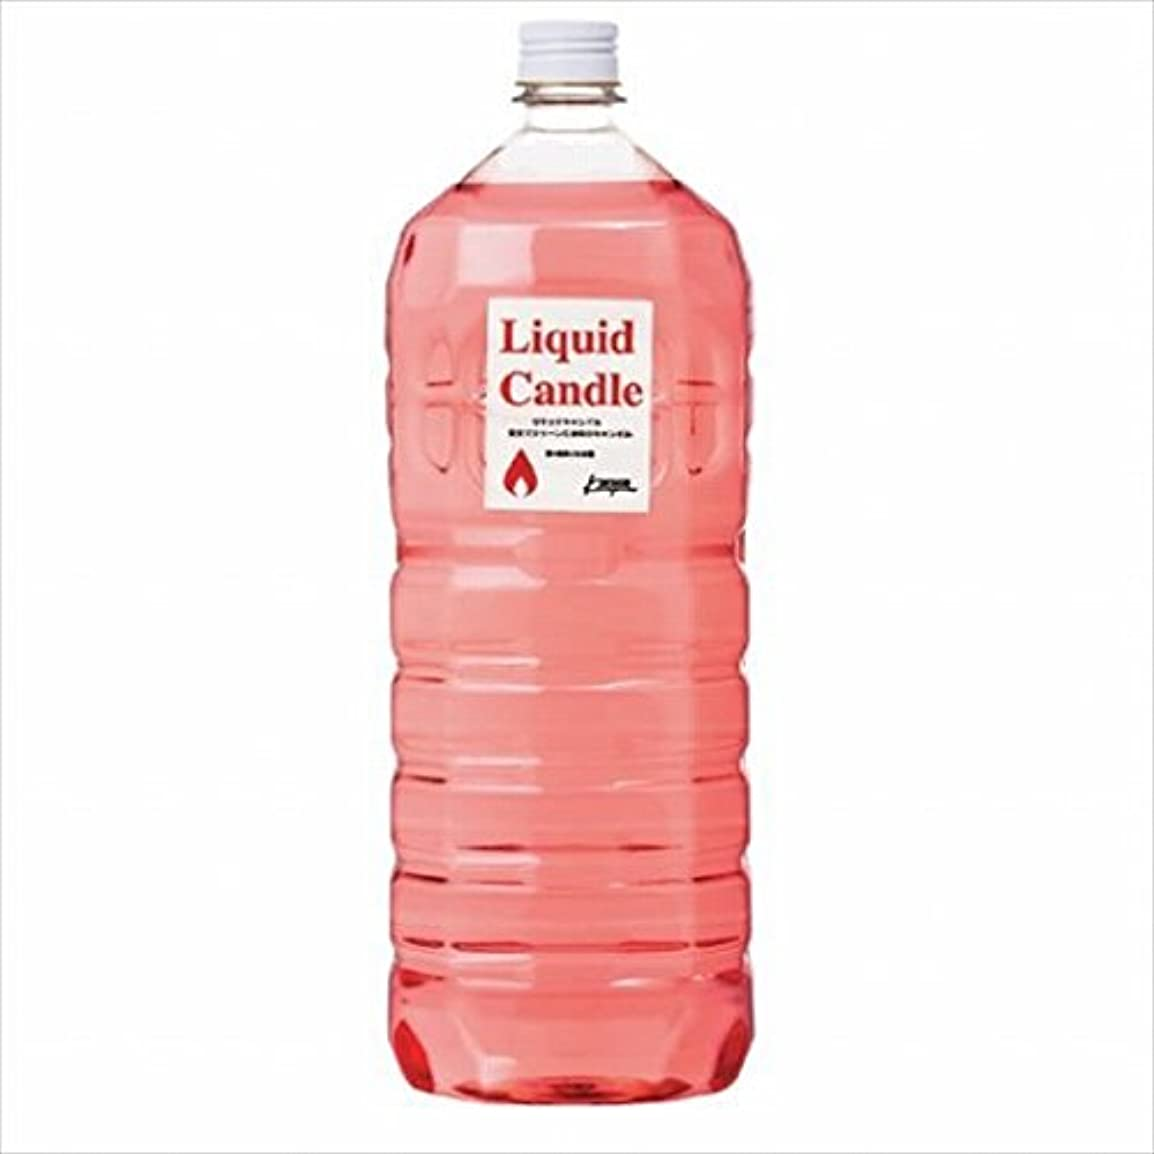 フロー超高層ビルイースターカメヤマキャンドル(kameyama candle) リキッドキャンドル2リットル 「 ピンク 」